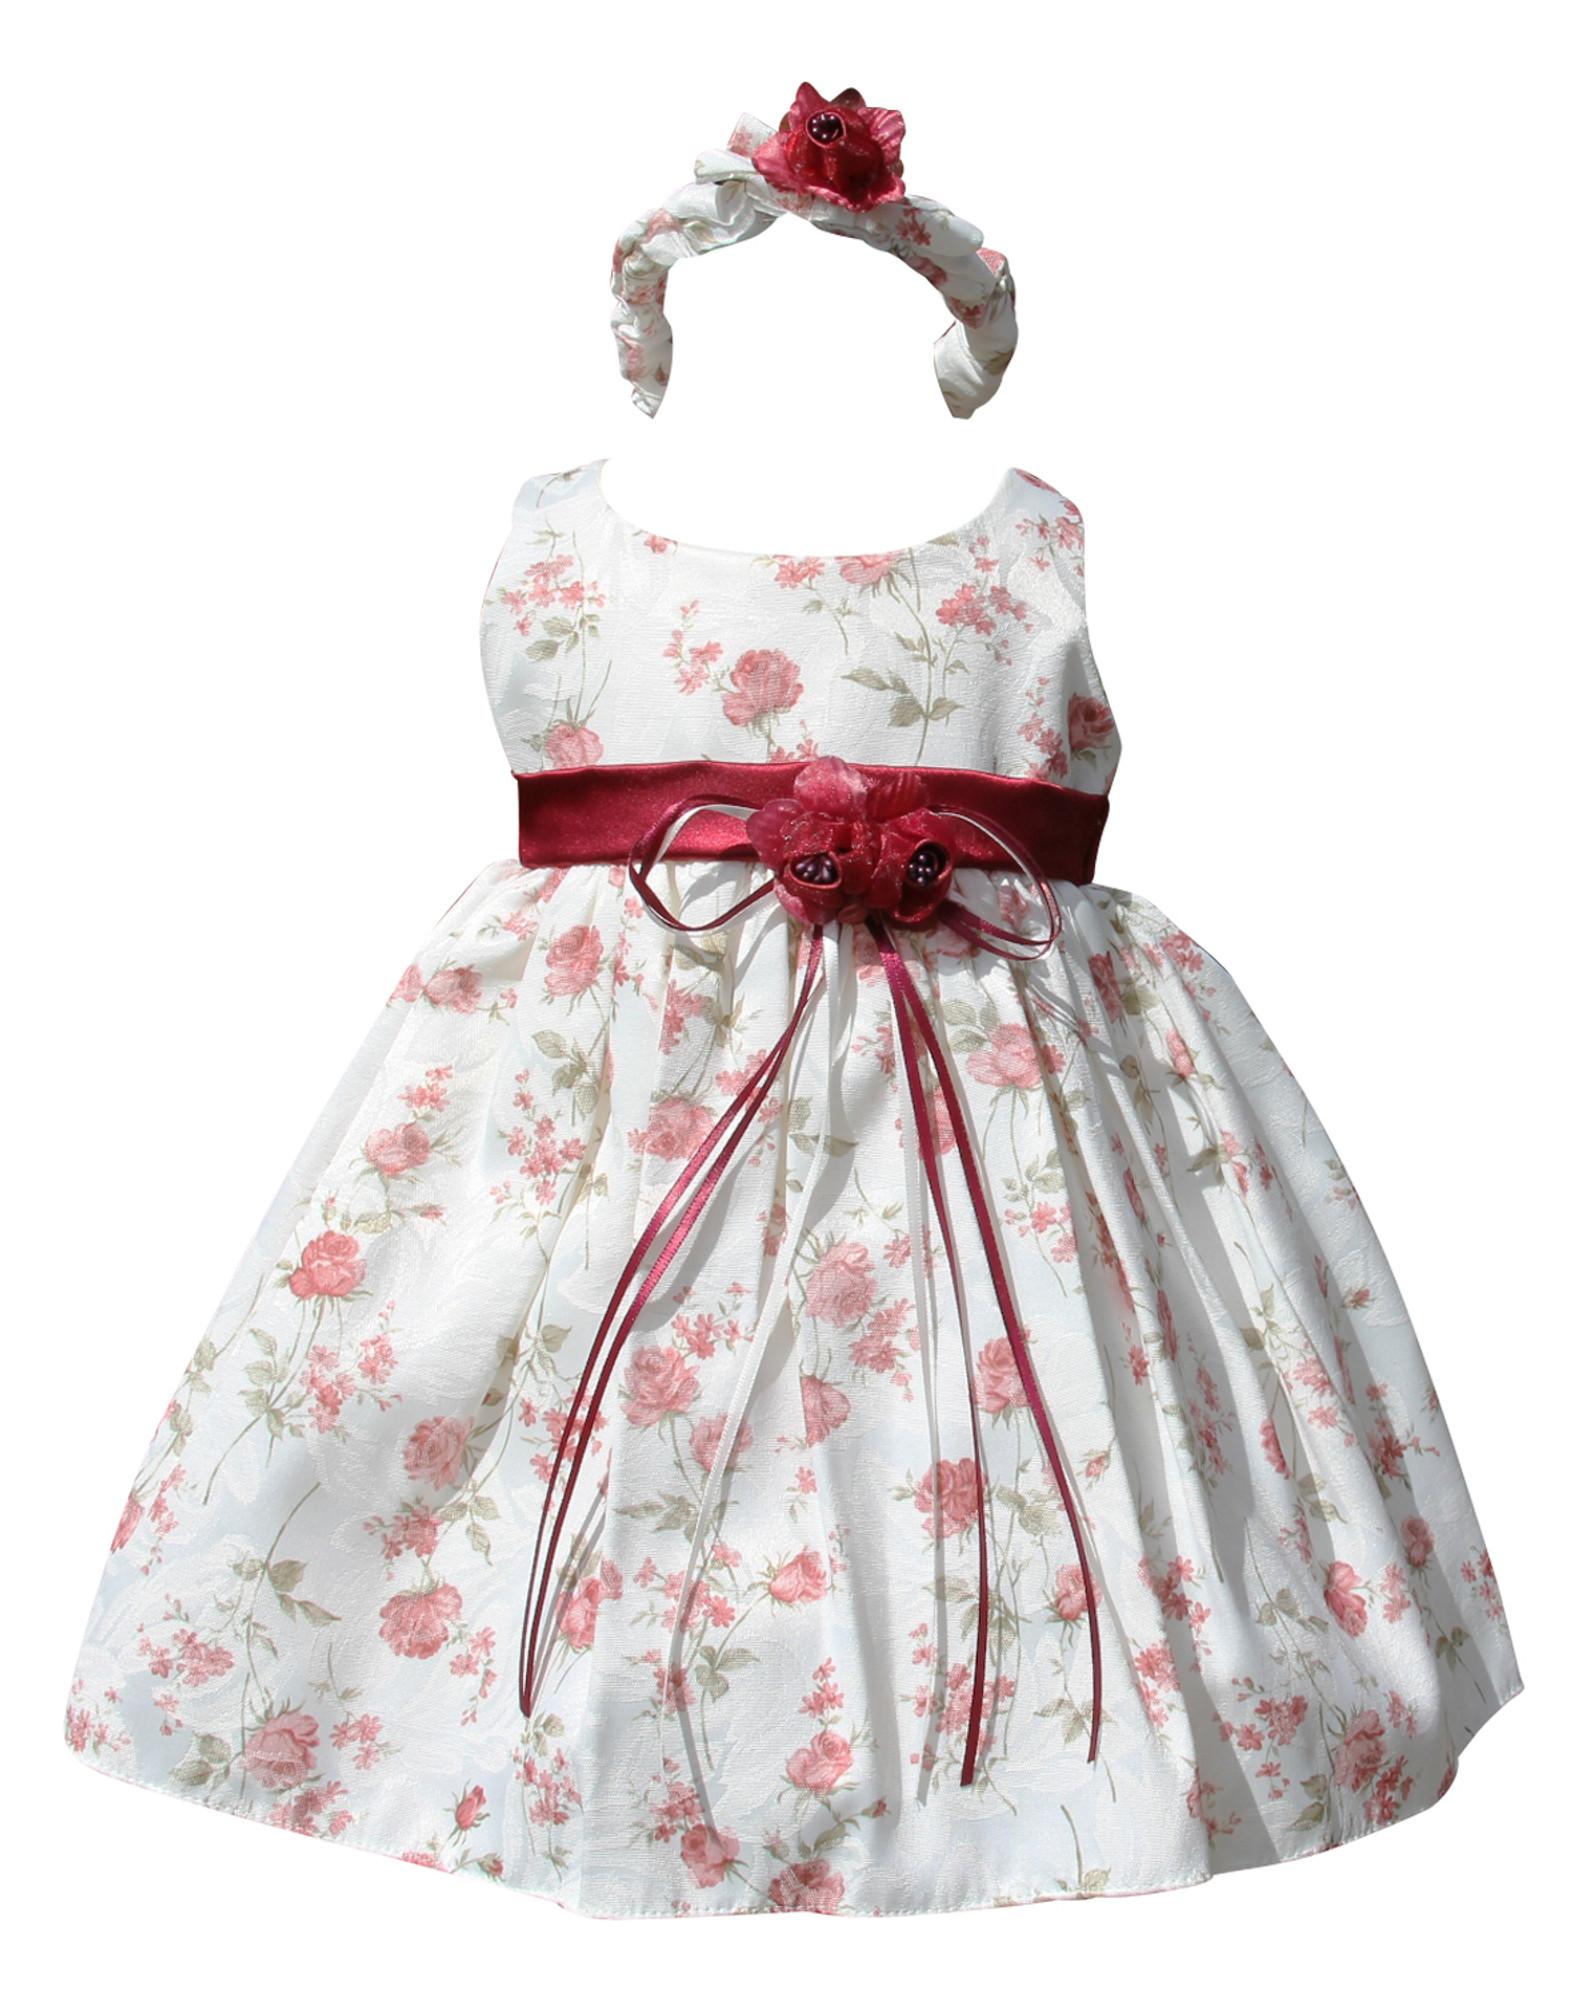 BIMARO Kleid Baby Mädchen Babykleid Emma creme beige Blumen rot Taufkleid festlich Baumwollmischung Hochzeit Taufe